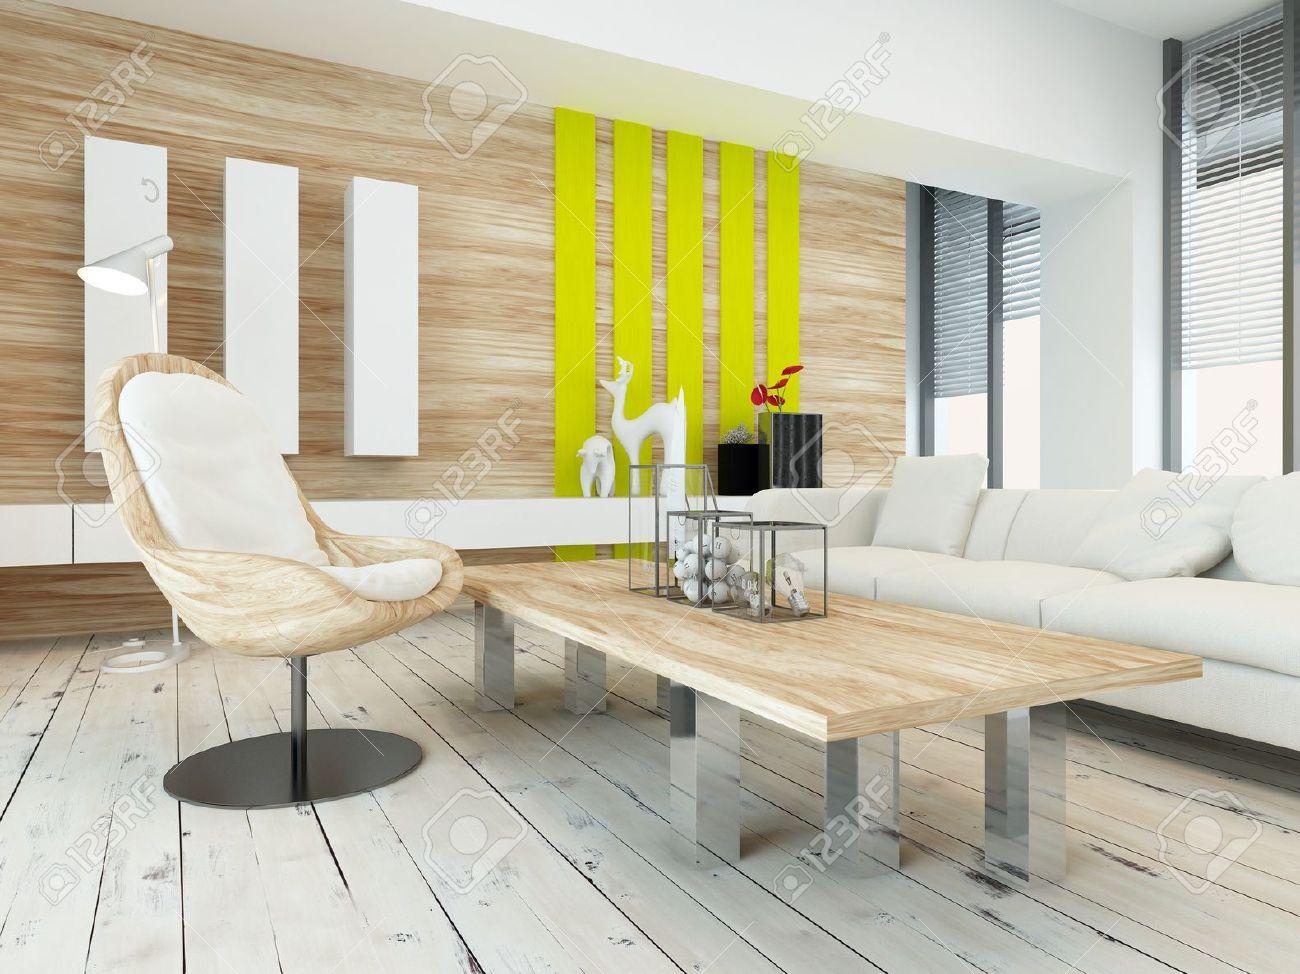 Rustique placage de bois vivant de finition intérieur de la ...